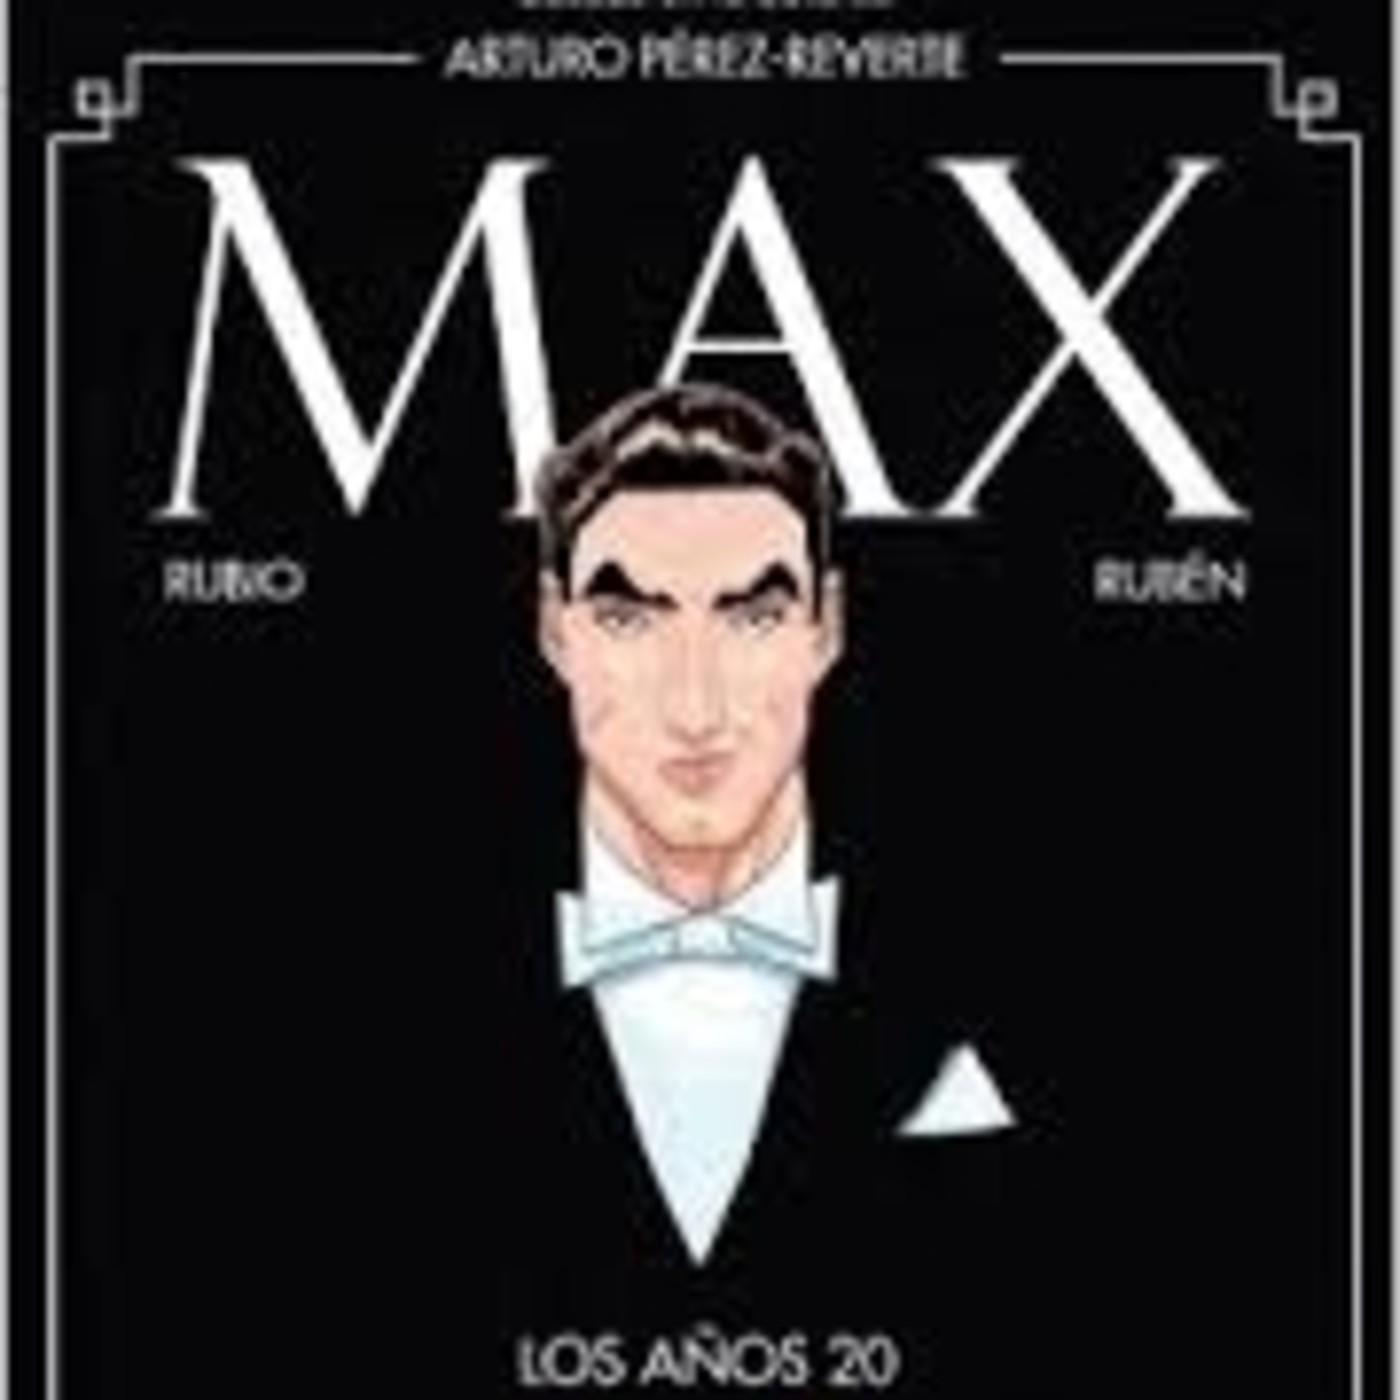 Max-Arturo Pérez Reverte y el género de aventuras